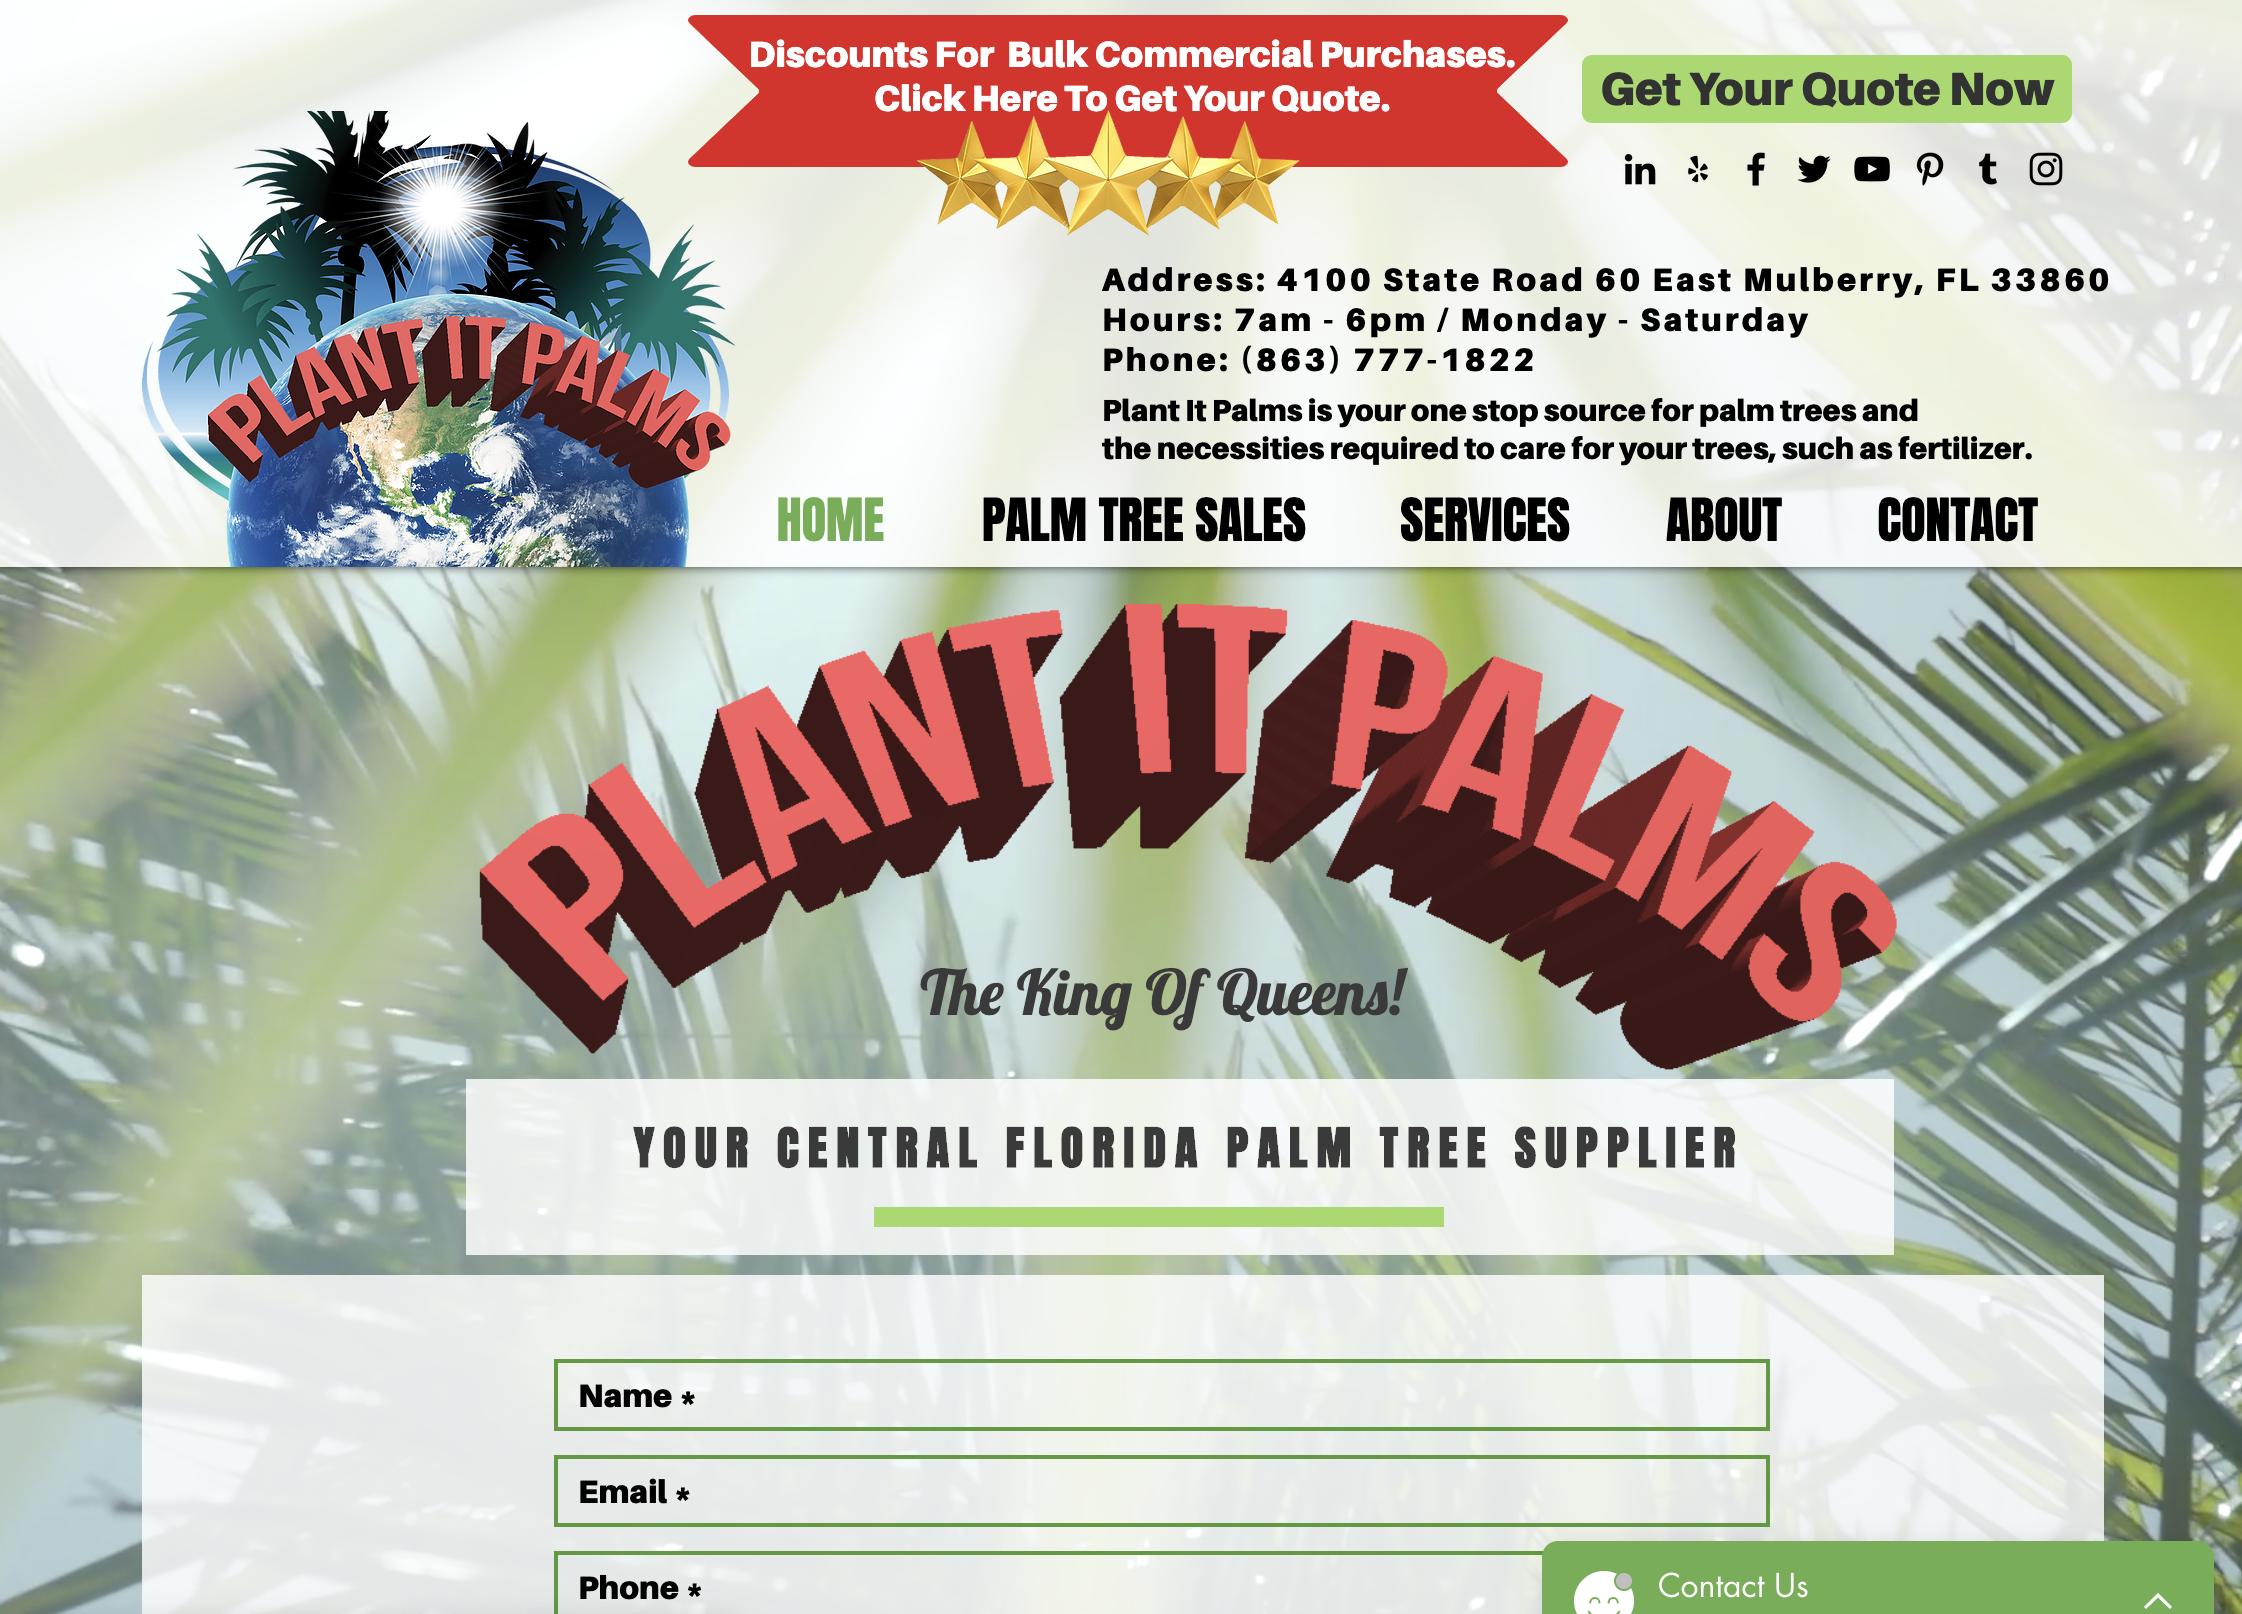 Plant It Palms